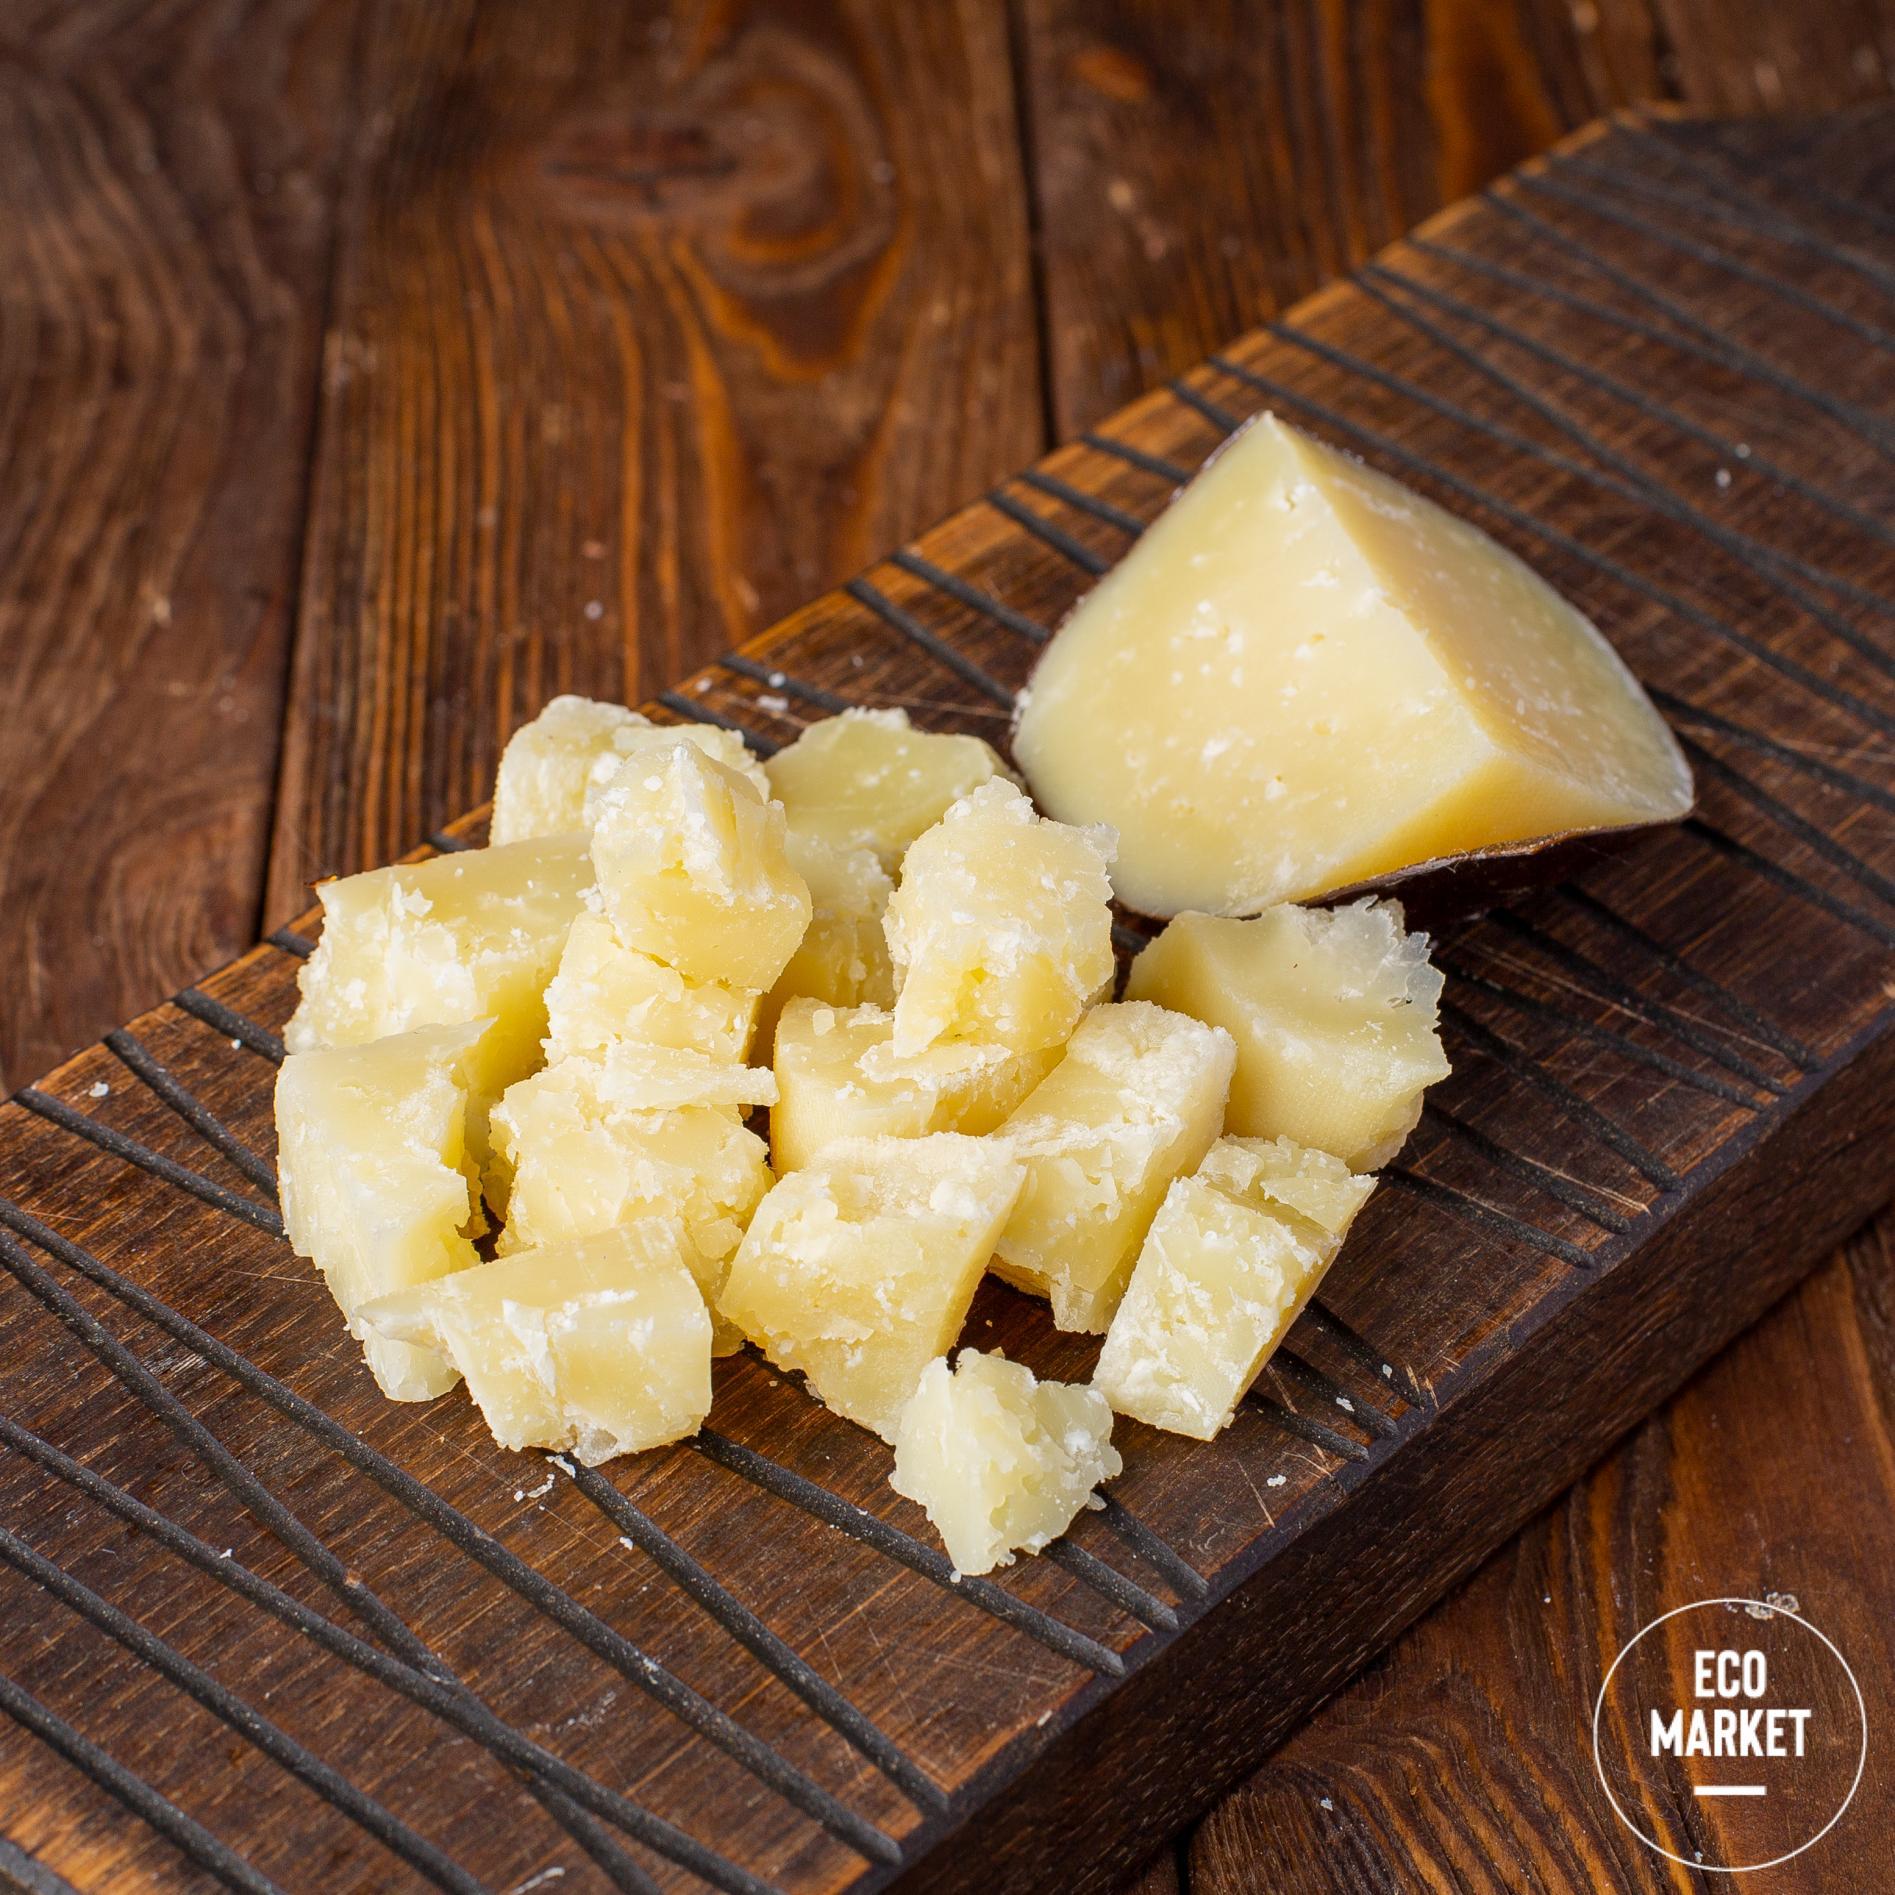 Сыр Marsental Фуэте зрелый из овечьего молока ~ 170 г (0.17 кг)